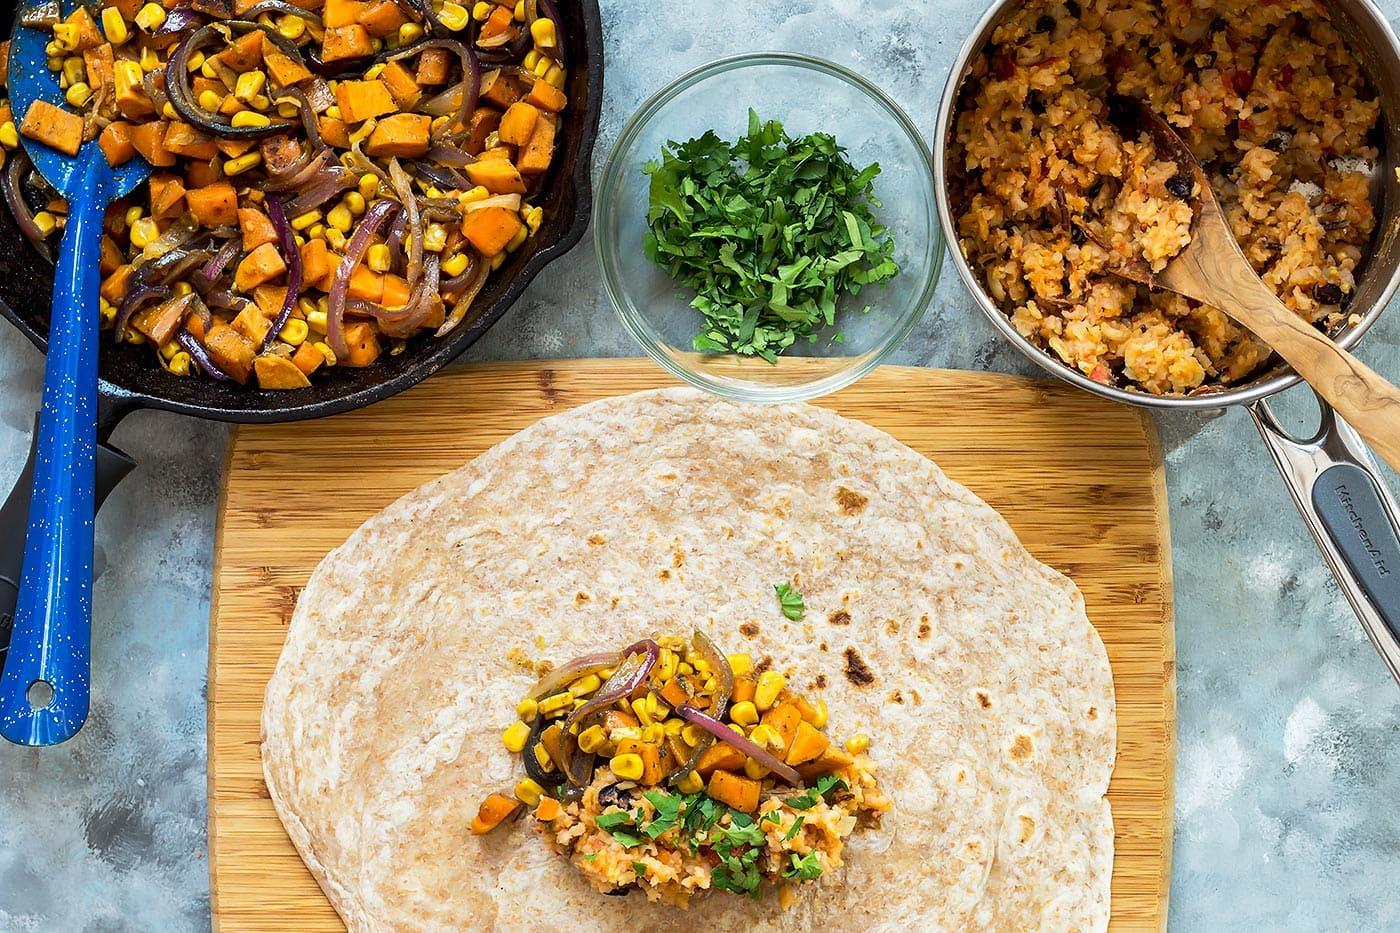 Assembling Vegan Burrito